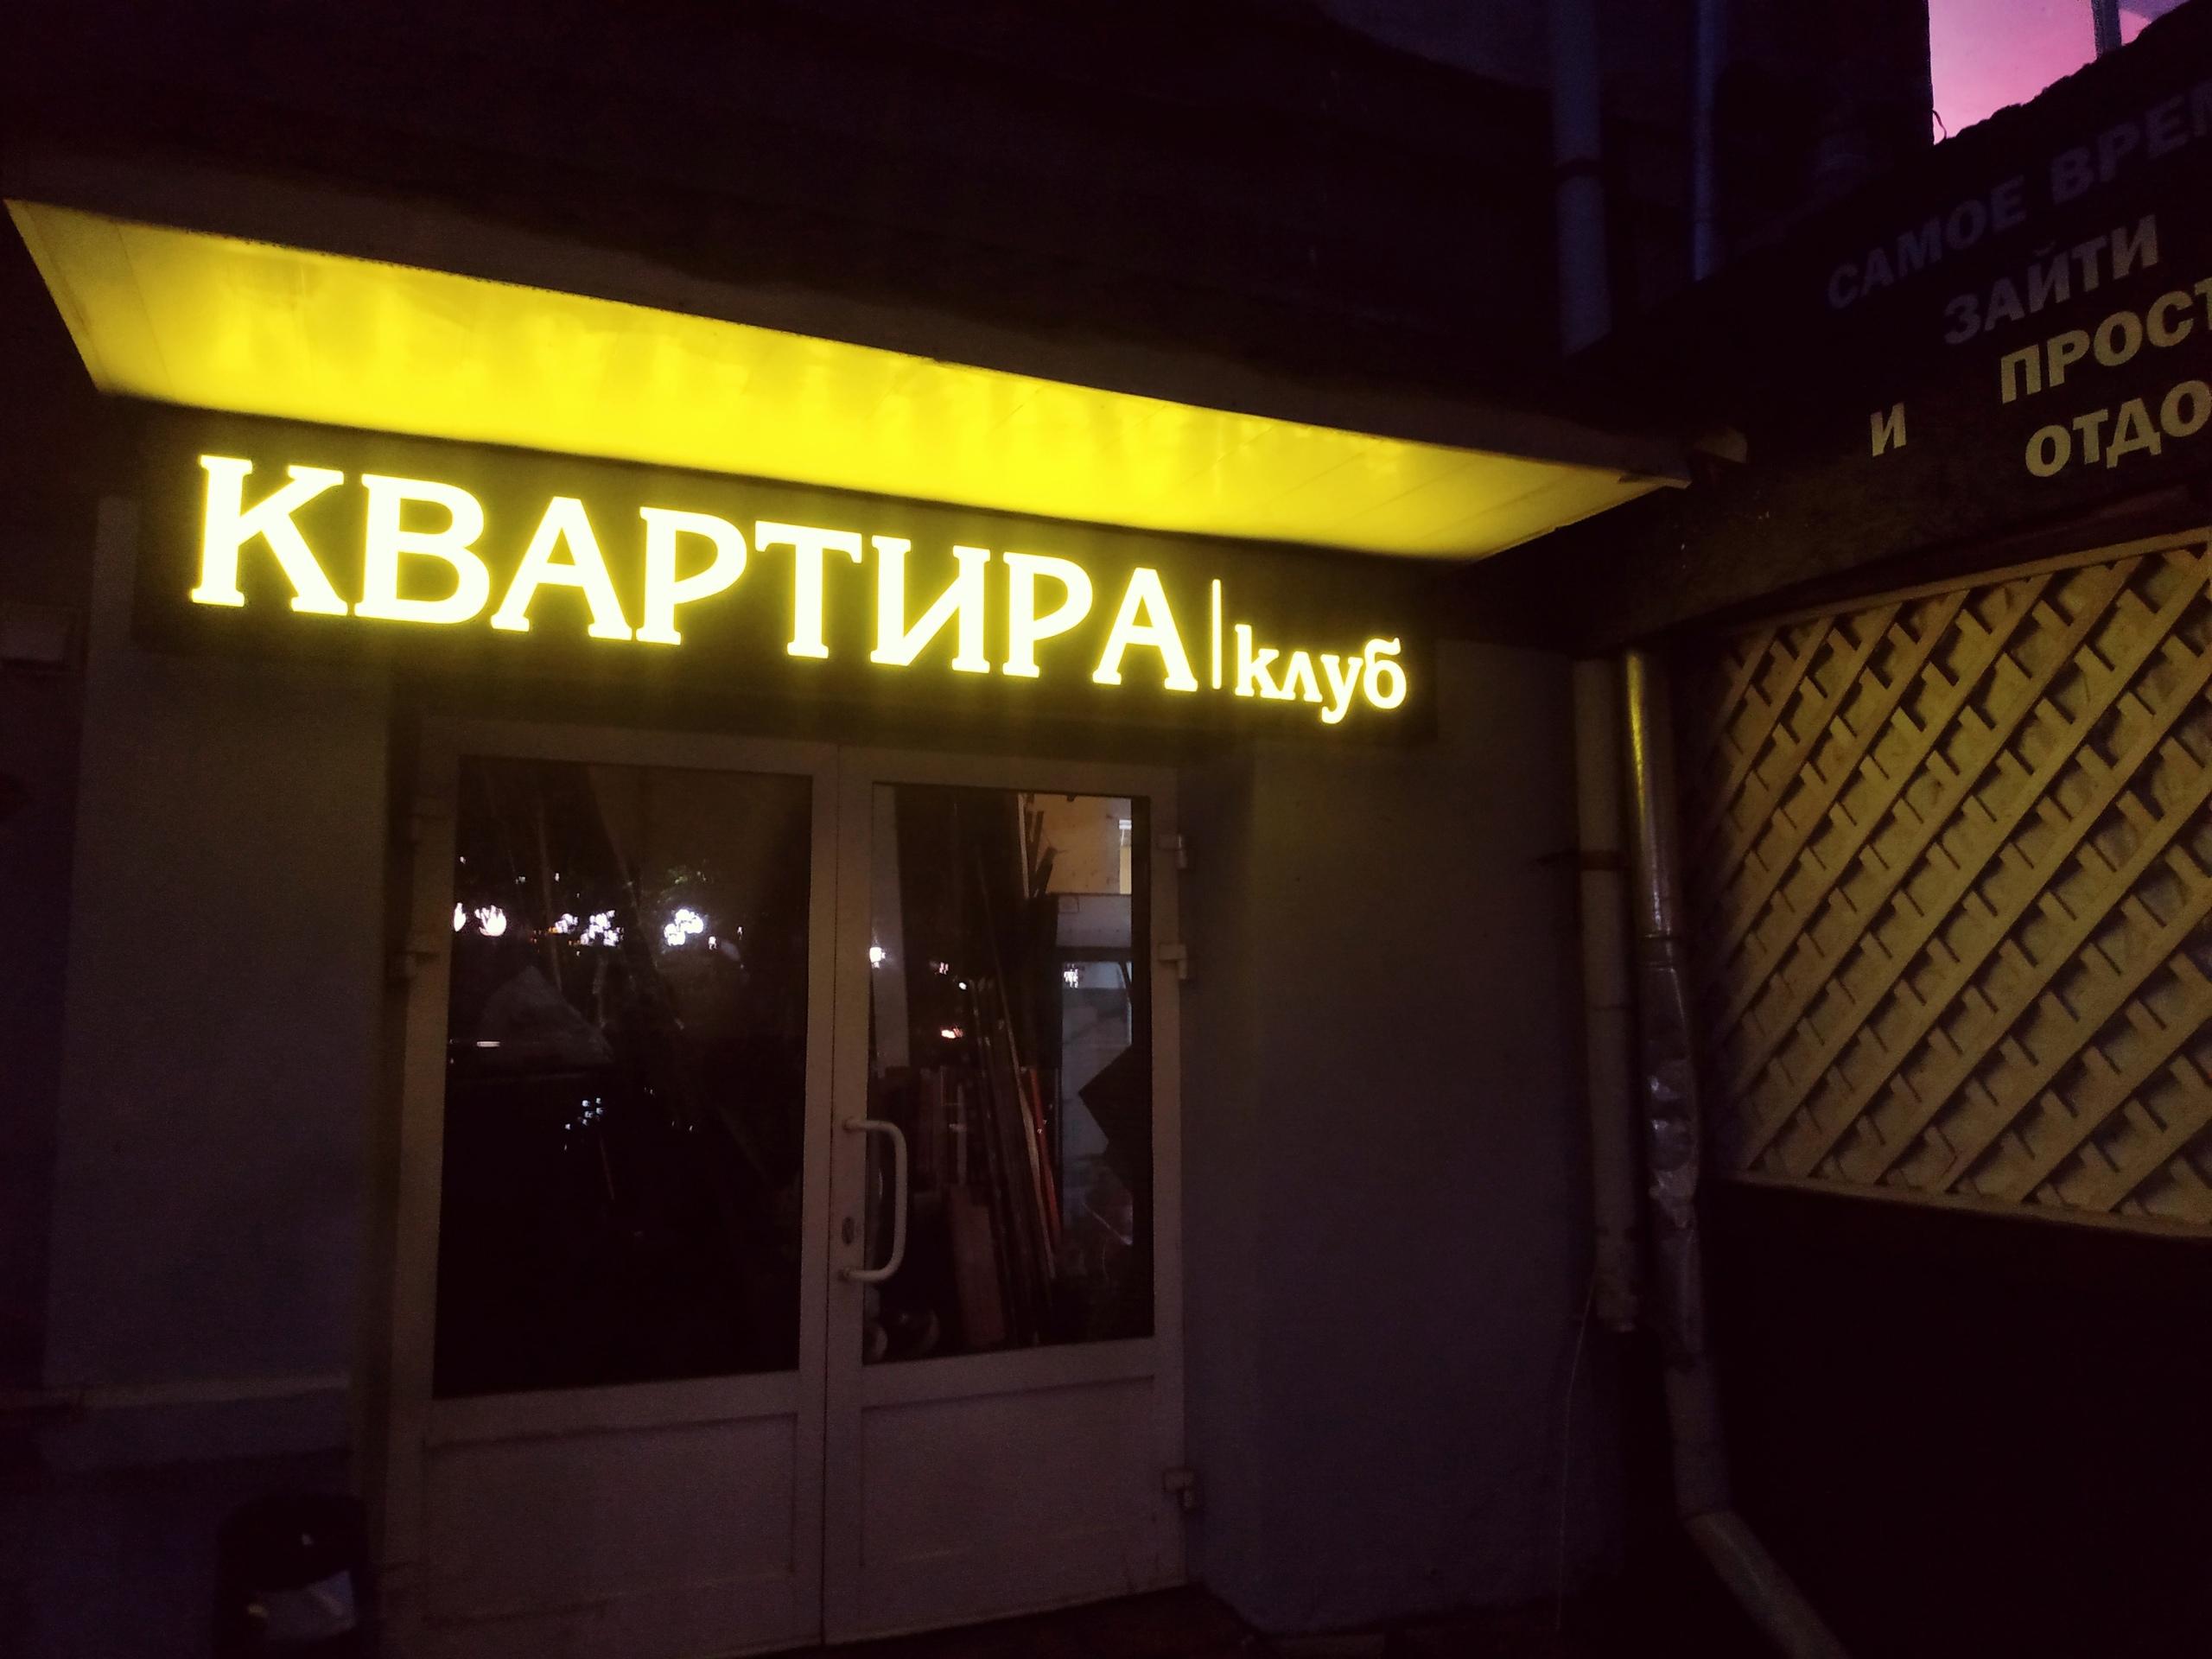 В Кирове открылось новое арт-пространство «КВАРТИРА»